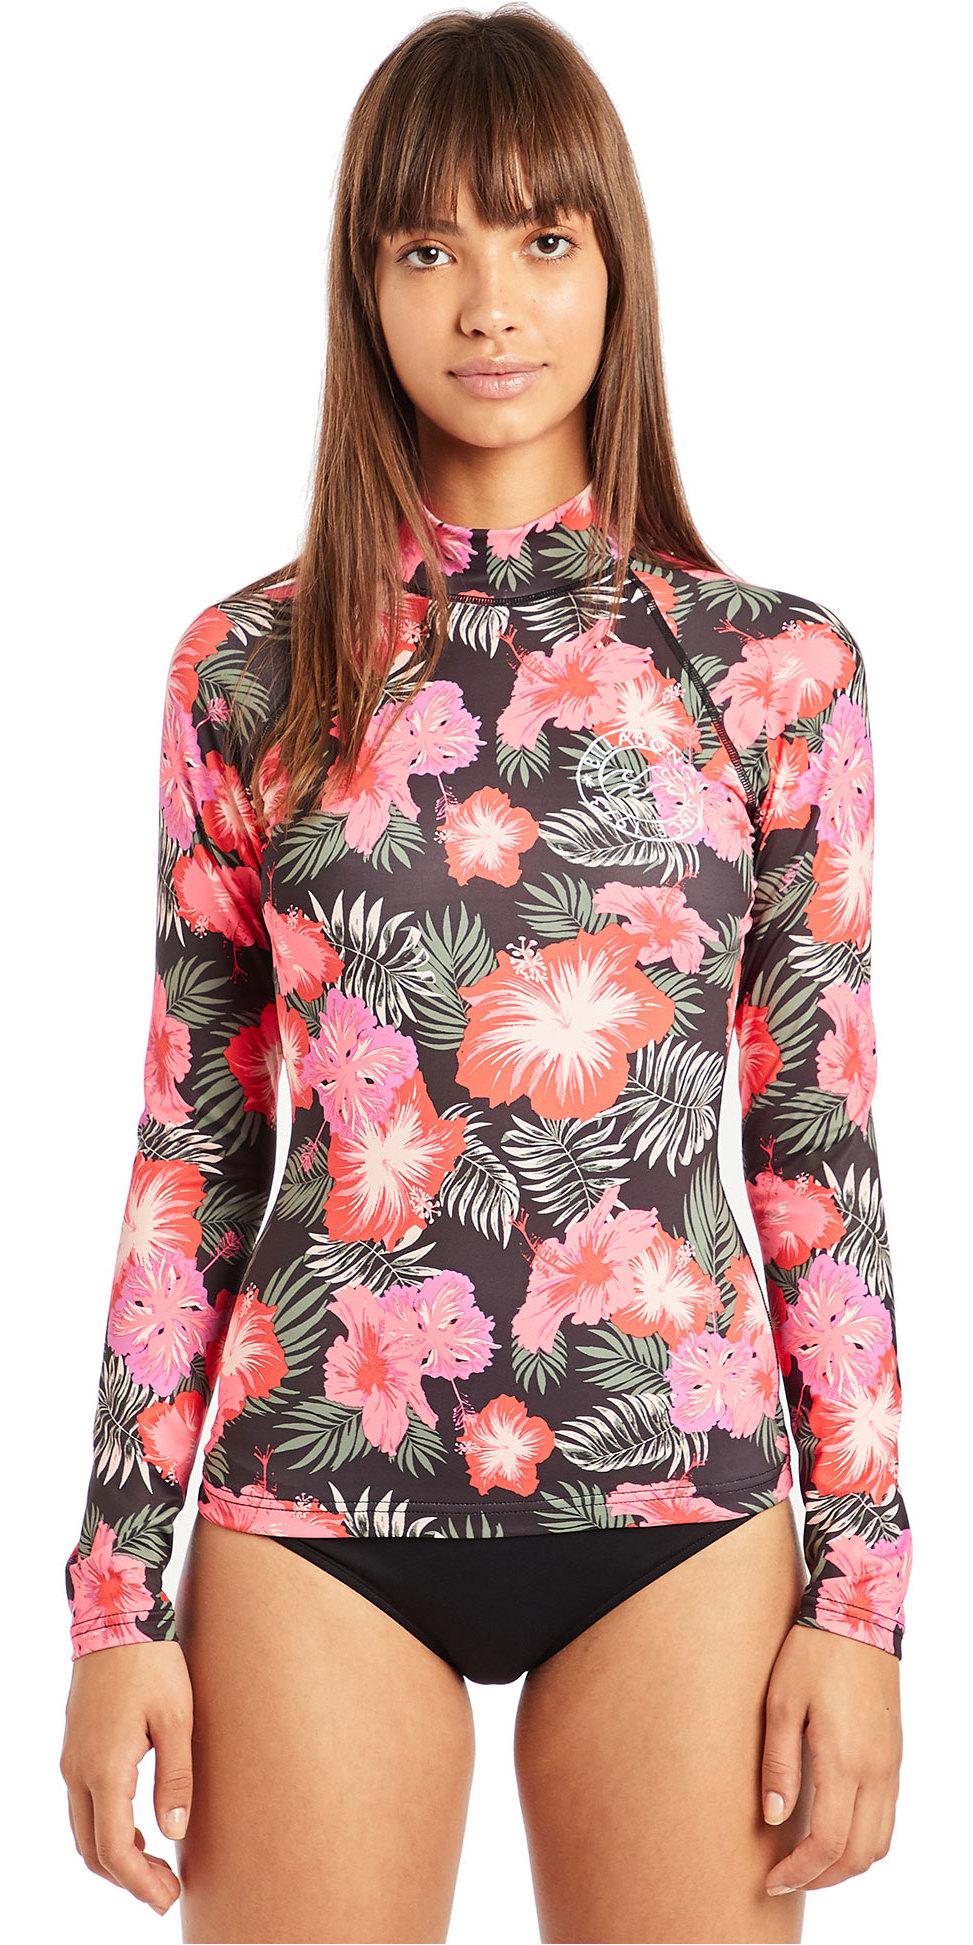 925c3c0f7cd 2019 Billabong Womens Flower Long Sleeve Rash Vest Hawaii N4gy04 - Long  Sleeve Rash Vests - | Wetsuit Outlet